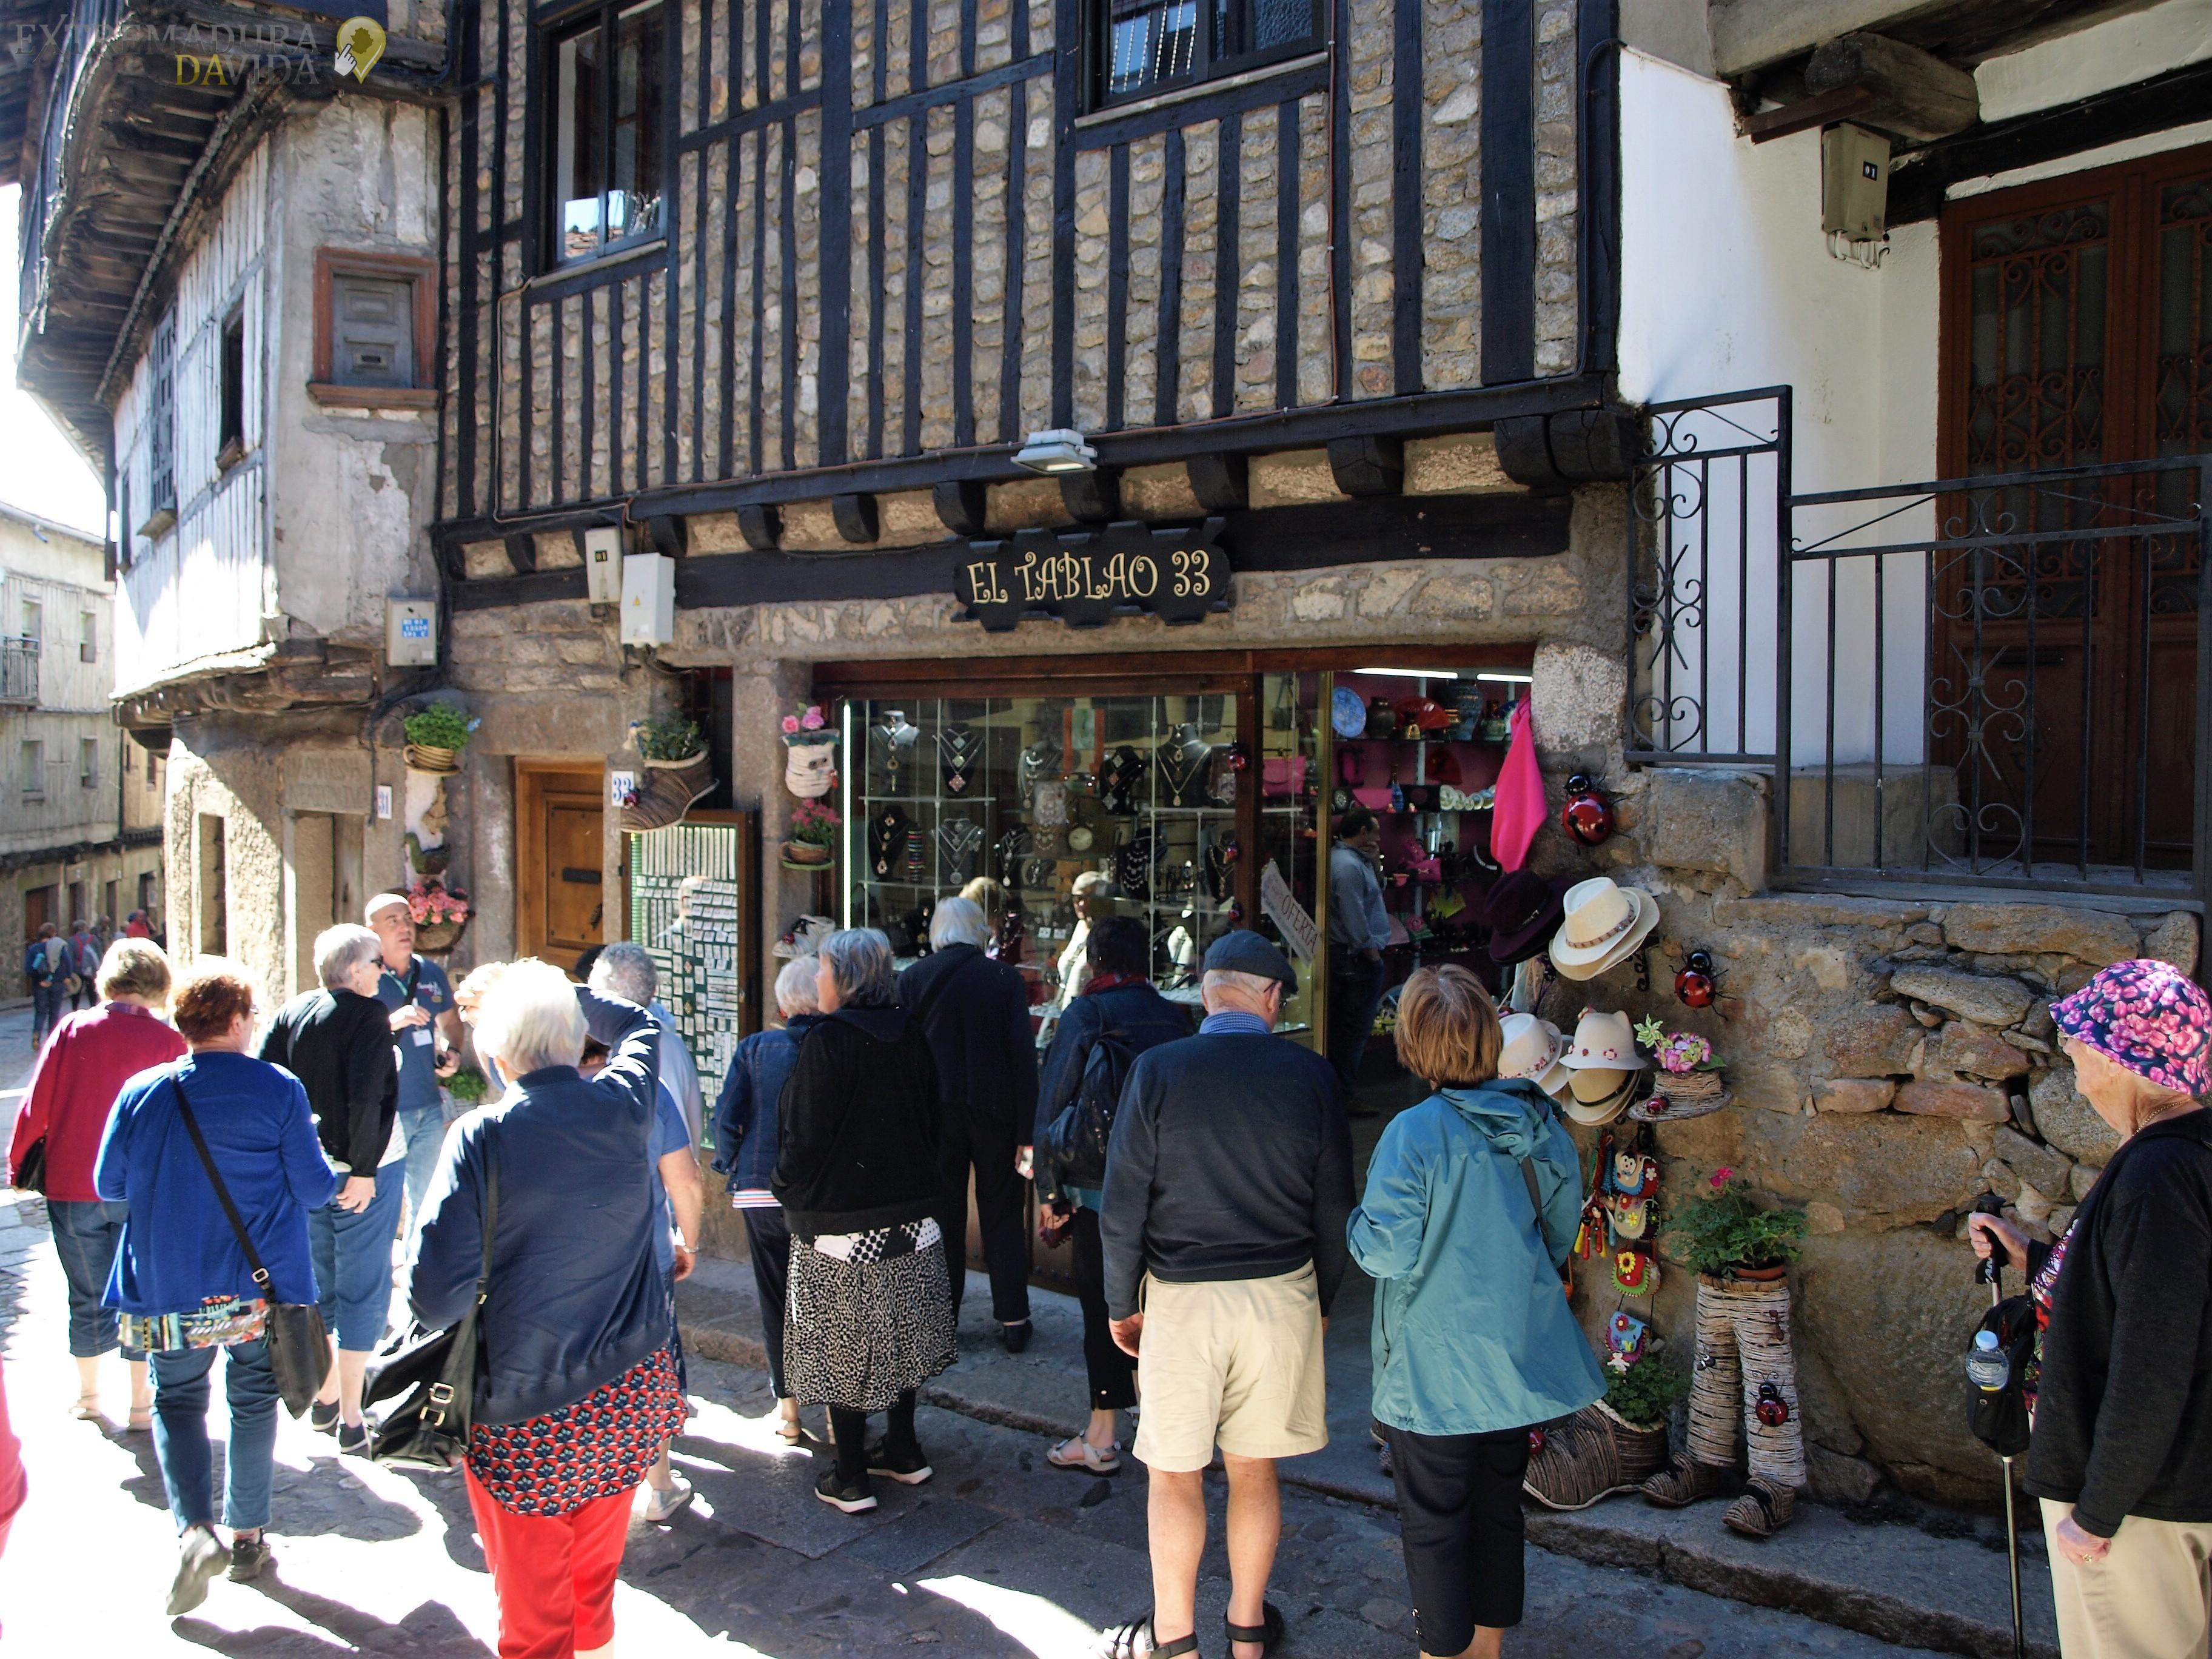 Plata Charra Salamanca - El Tablao 33 La Alberca